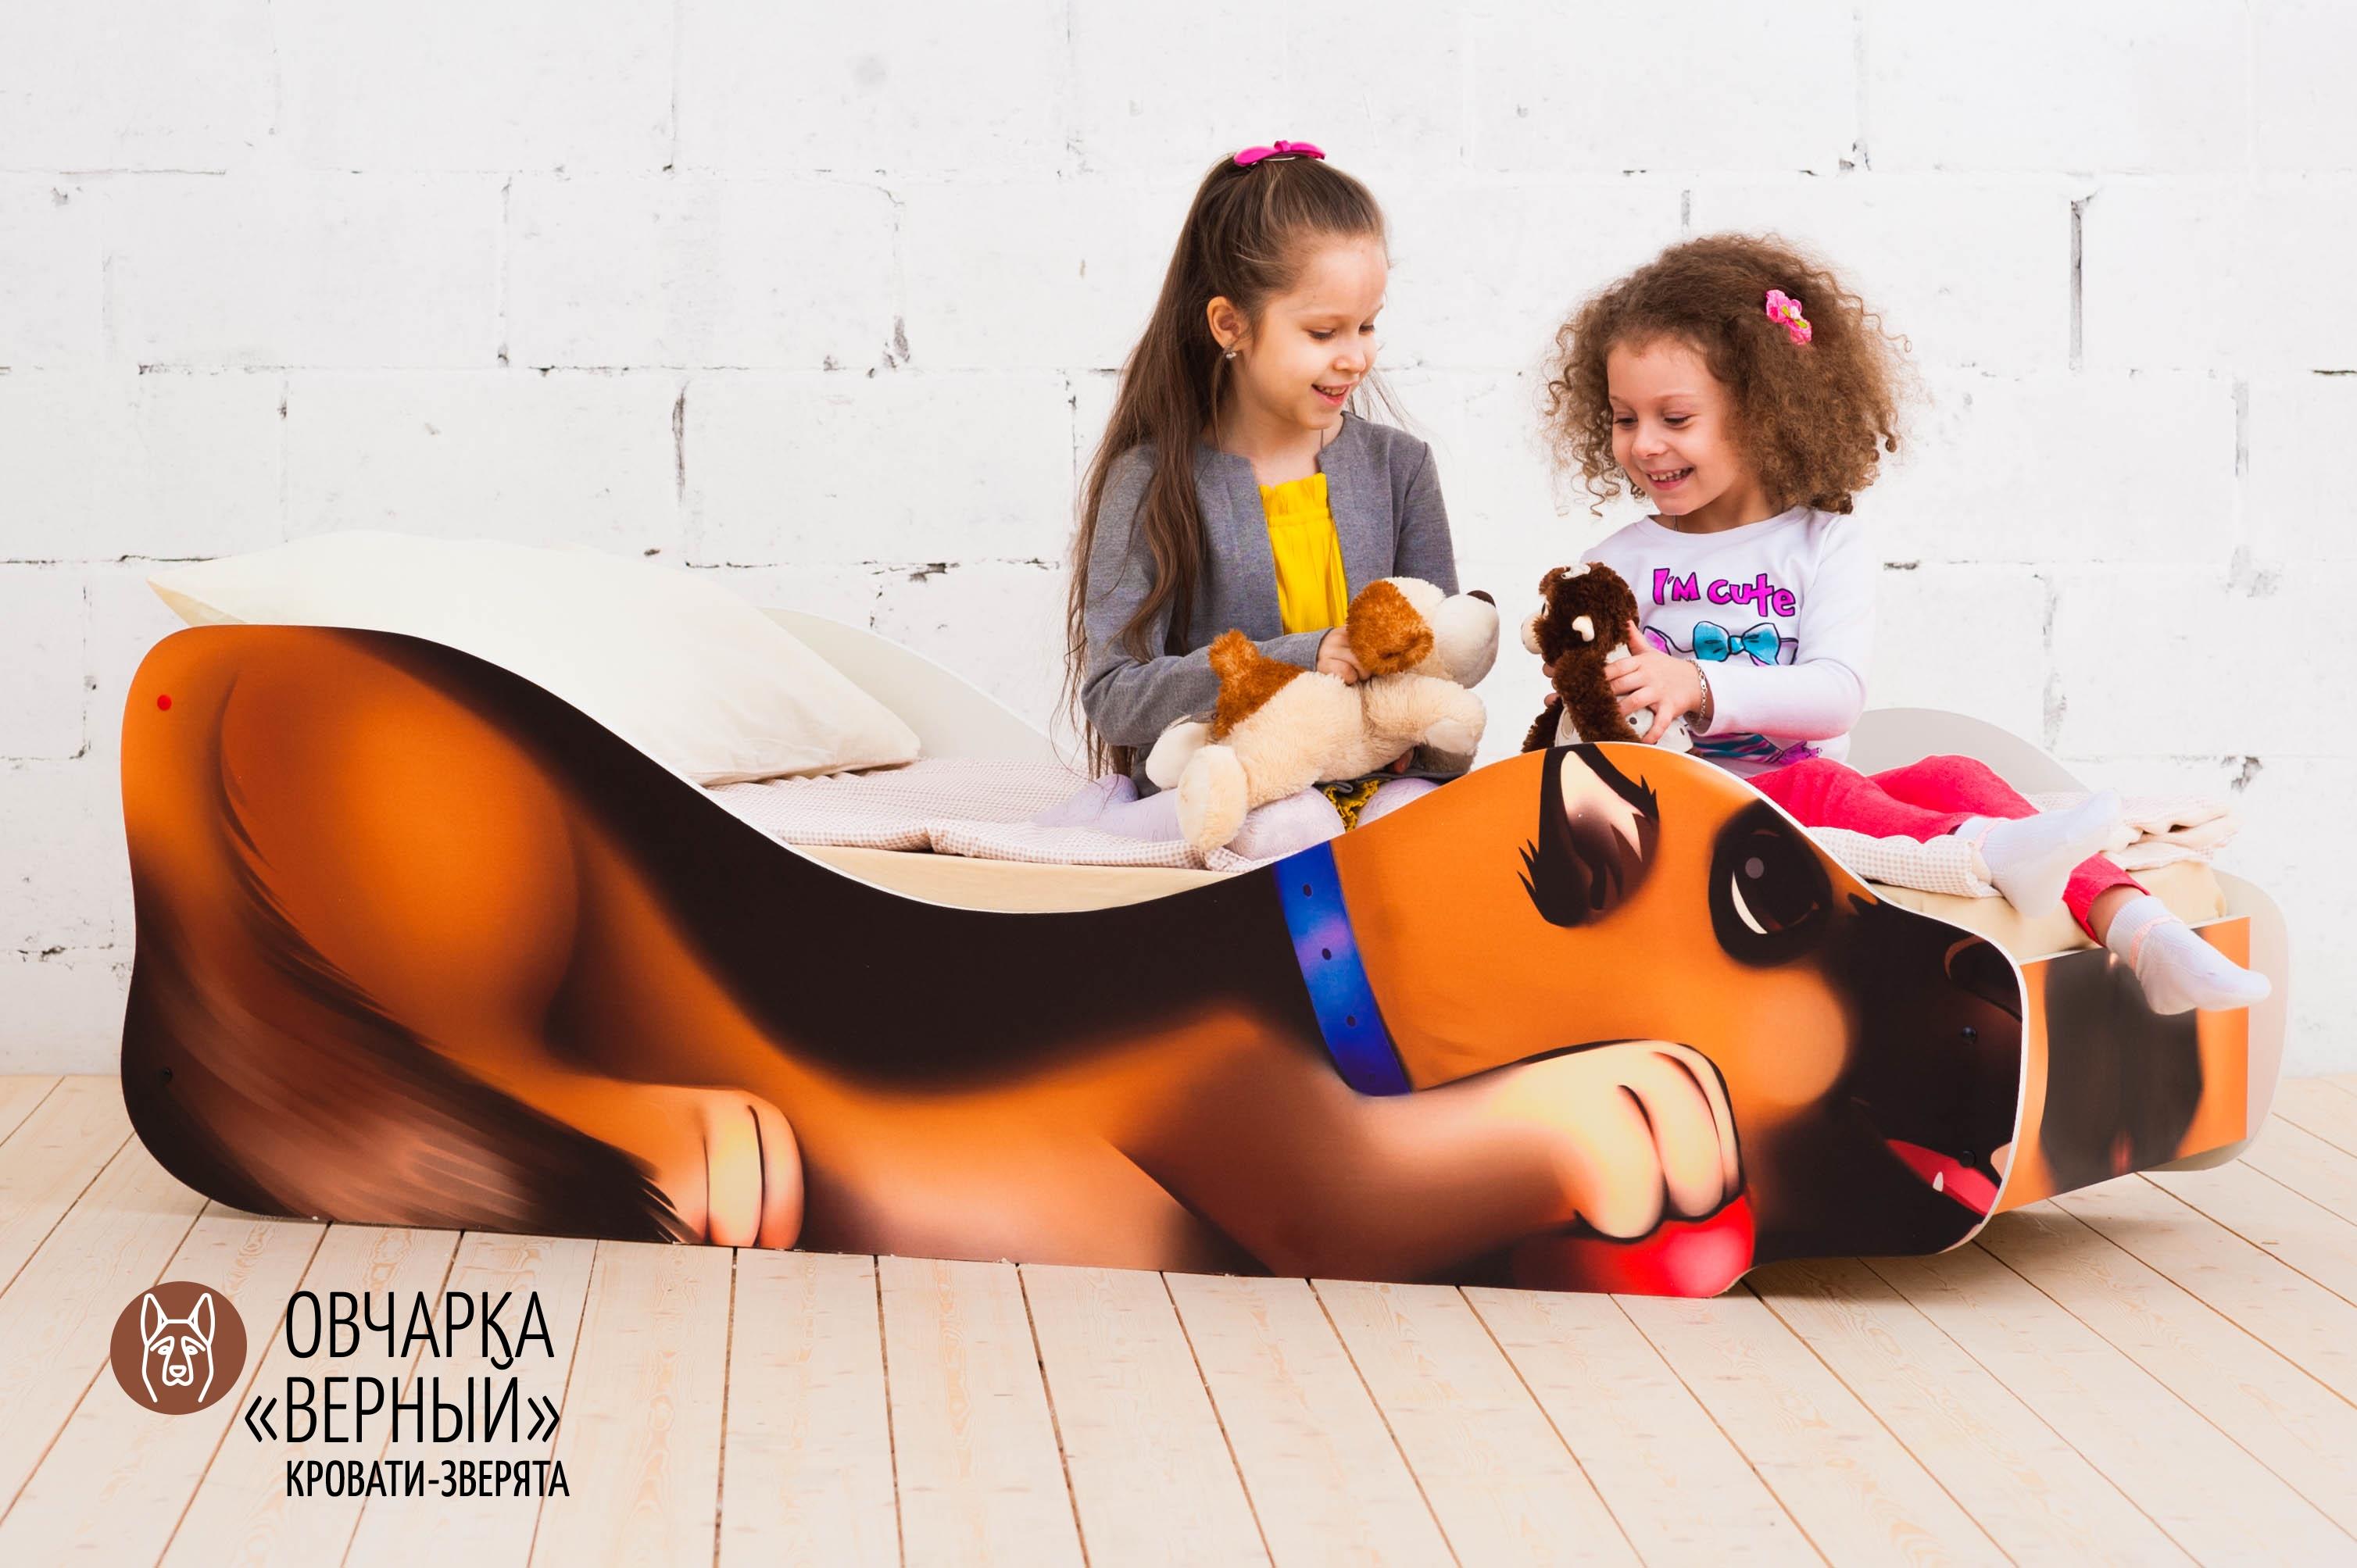 Детская кровать-зверенок -Овчарка-Верный-6